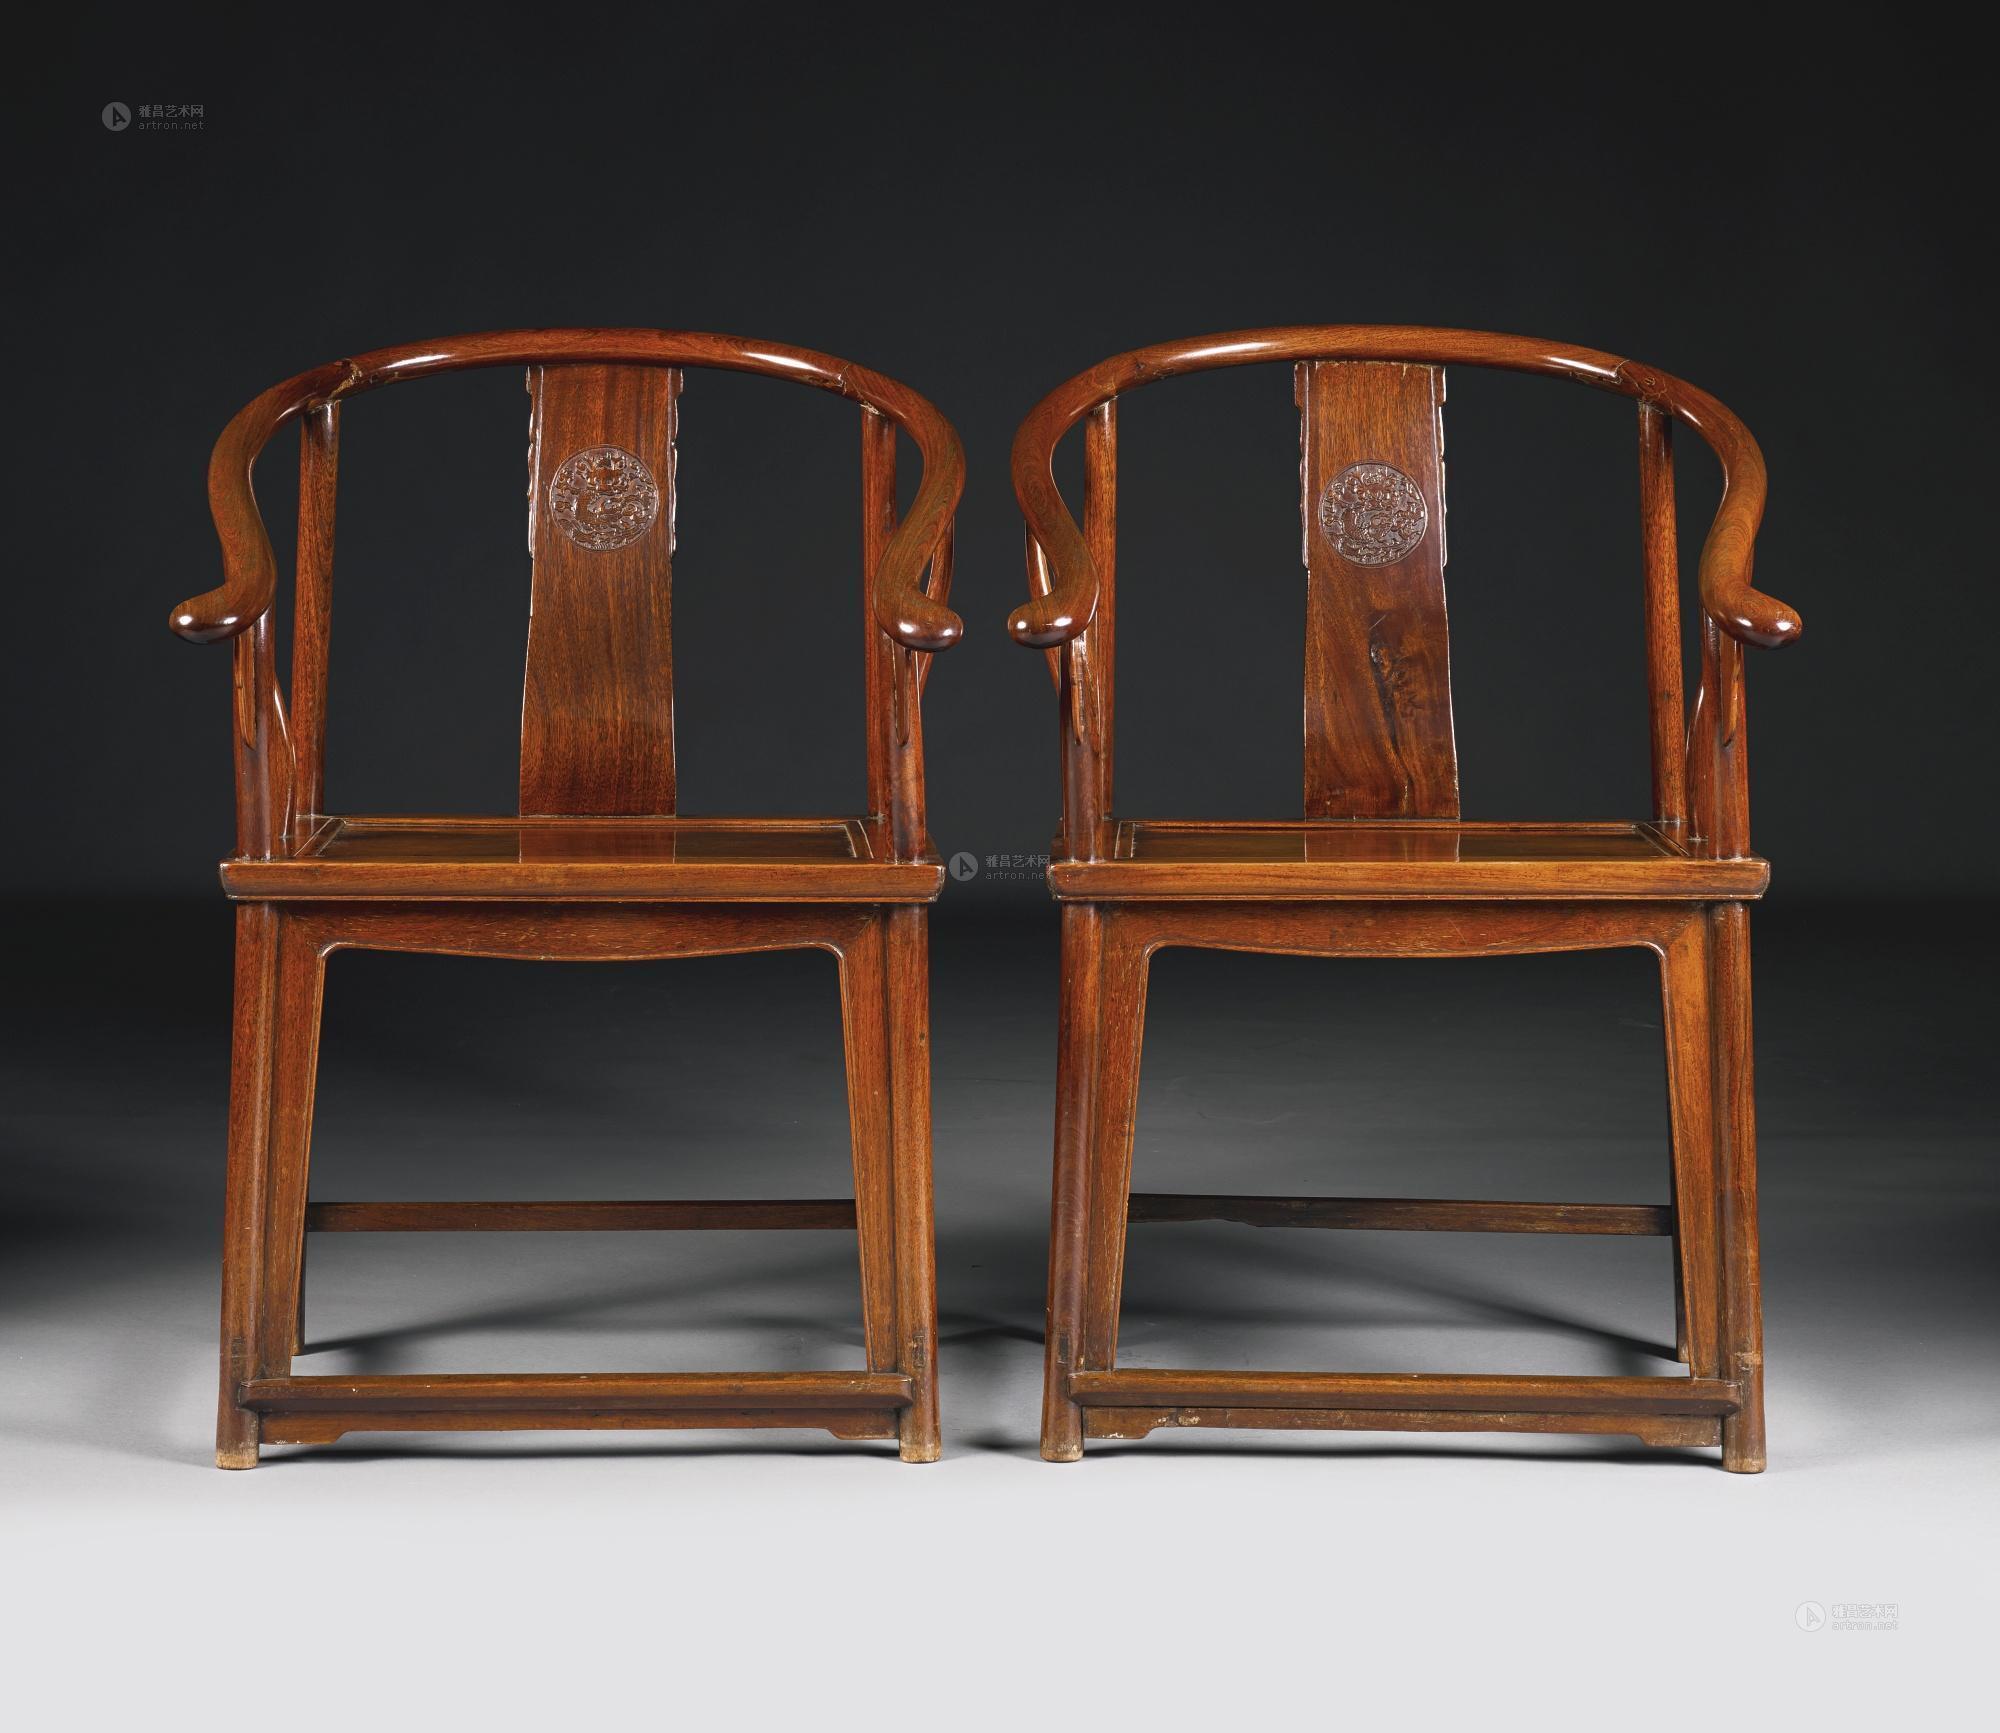 【清十九世纪 红木圈椅 (一对)】拍卖品_图片_价格